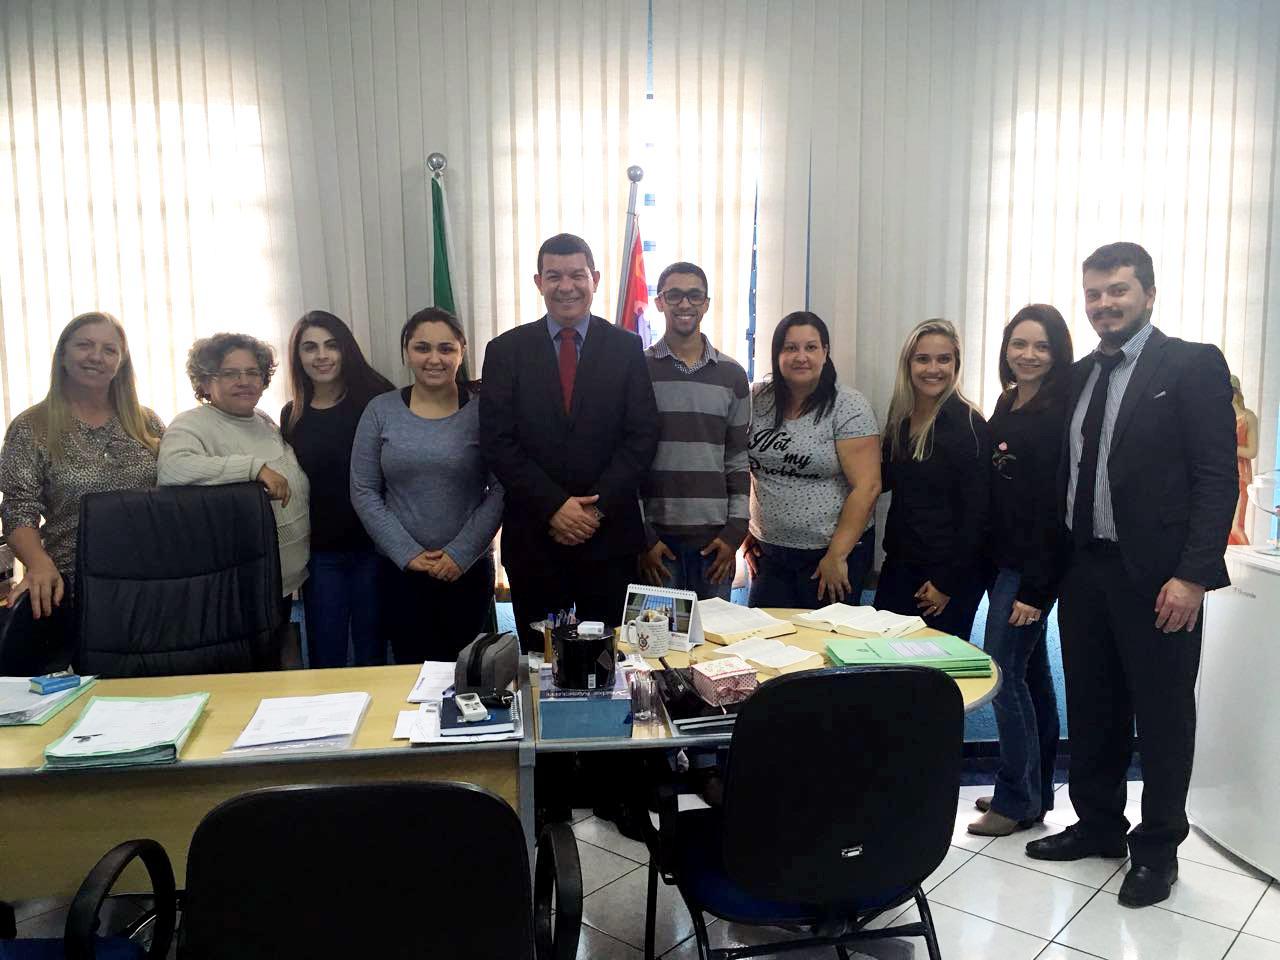 Alunos do curso de Direito visitam Centro de Detenção Provisório III de Pinheiros